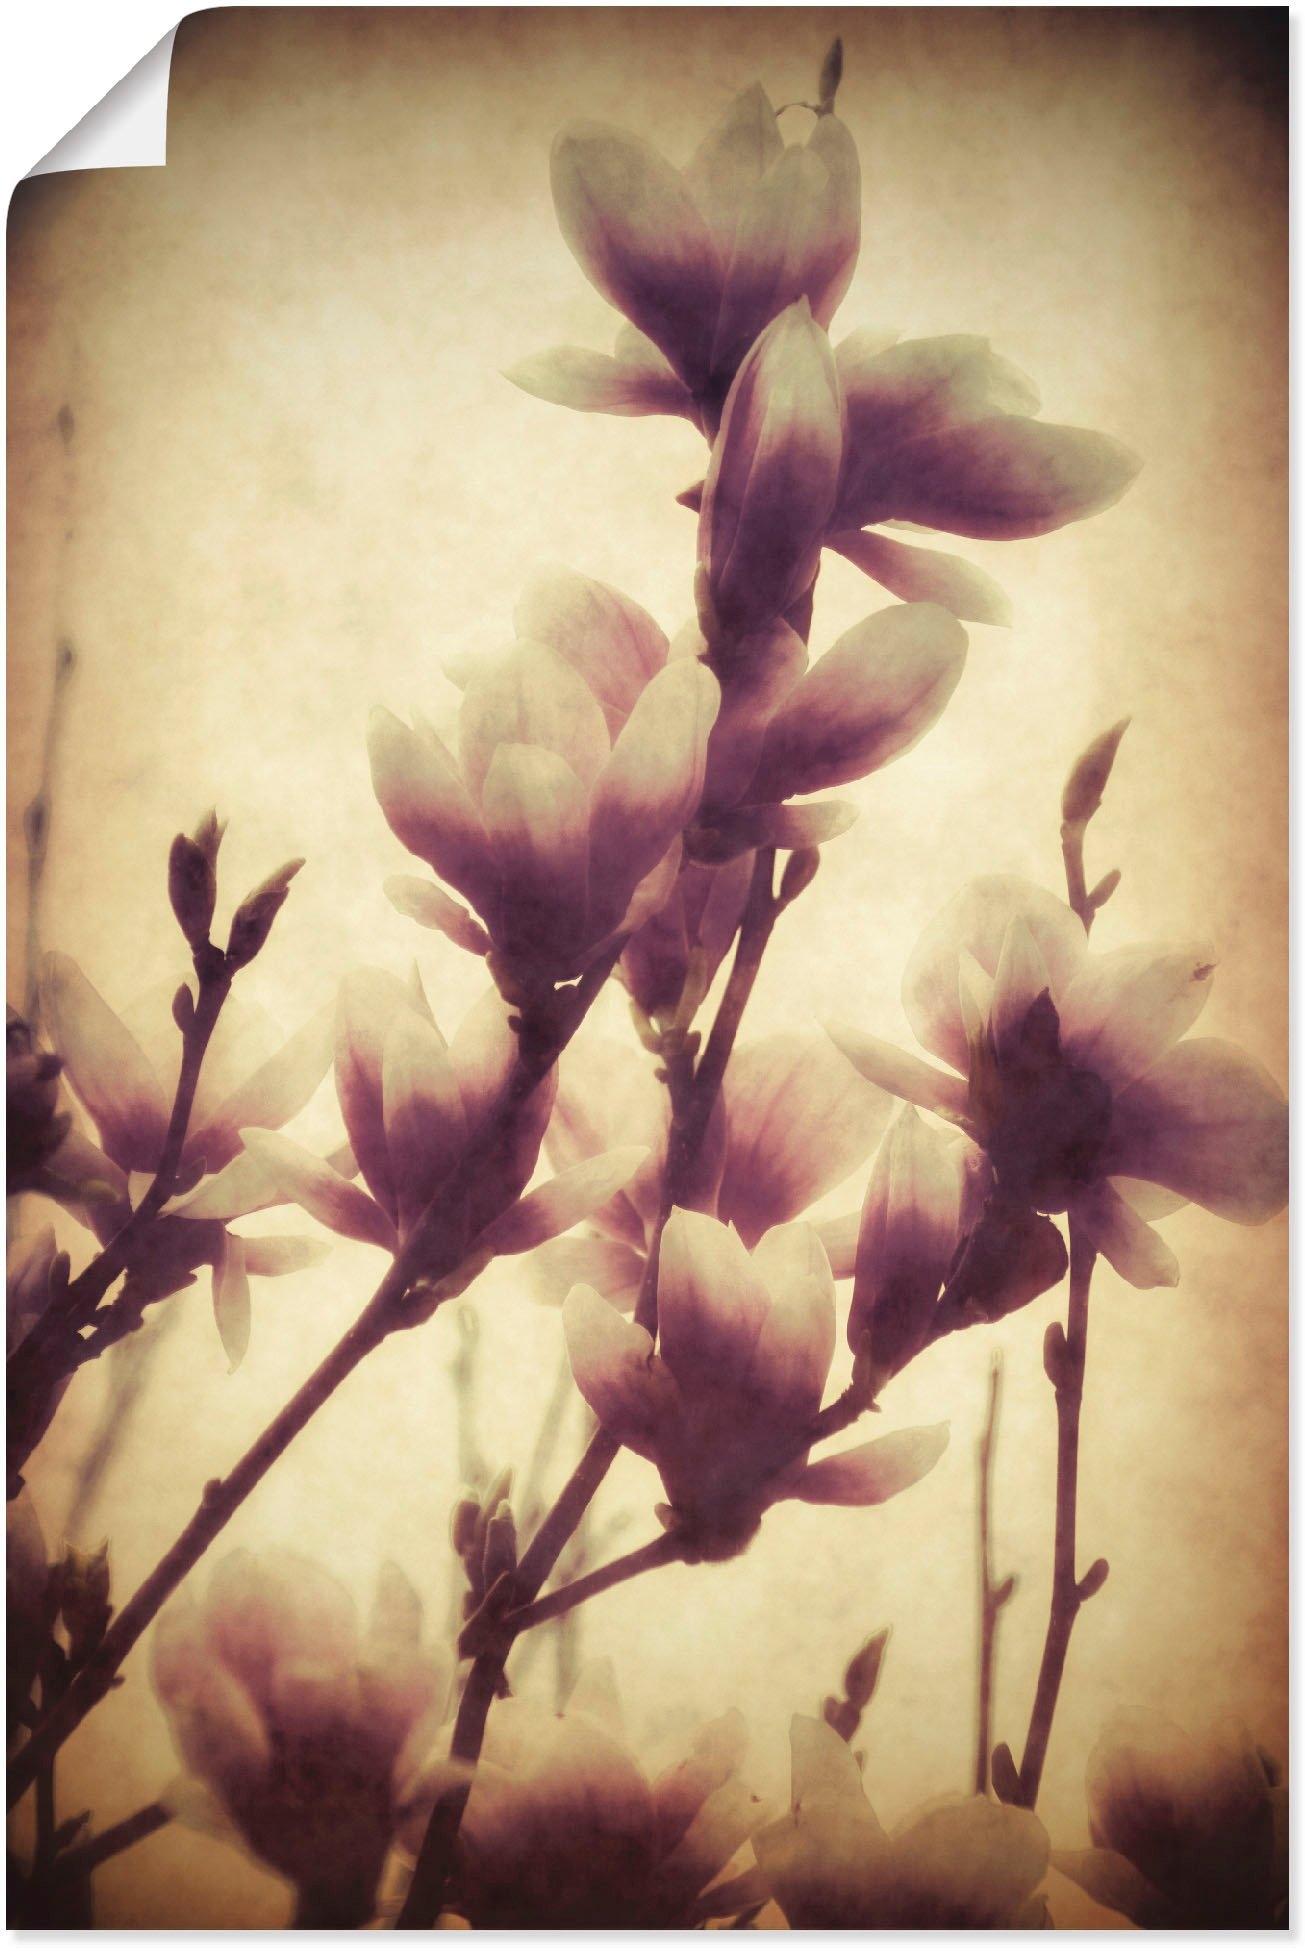 Artland artprint Magnolia I in vele afmetingen & productsoorten - artprint van aluminium / artprint voor buiten, artprint op linnen, poster, muursticker / wandfolie ook geschikt voor de badkamer (1 stuk) veilig op otto.nl kopen